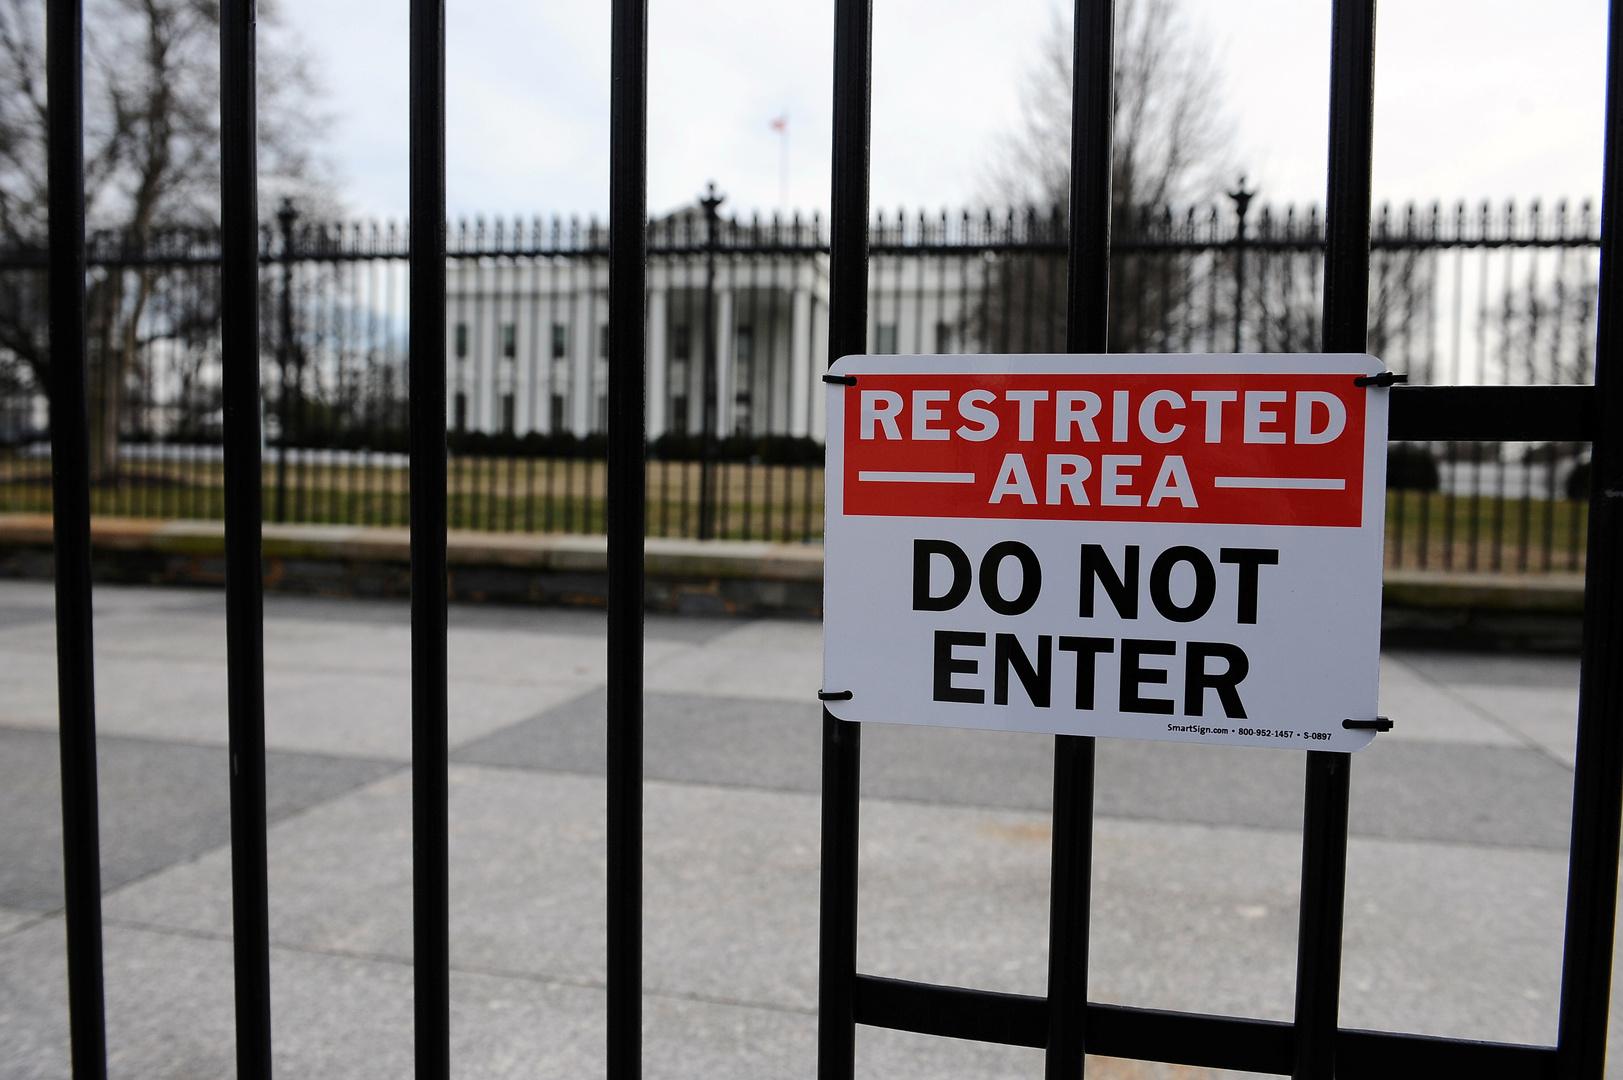 إغلاق مقهيين قرب البيت الأبيض بسبب تفشي كورونا داخلهما